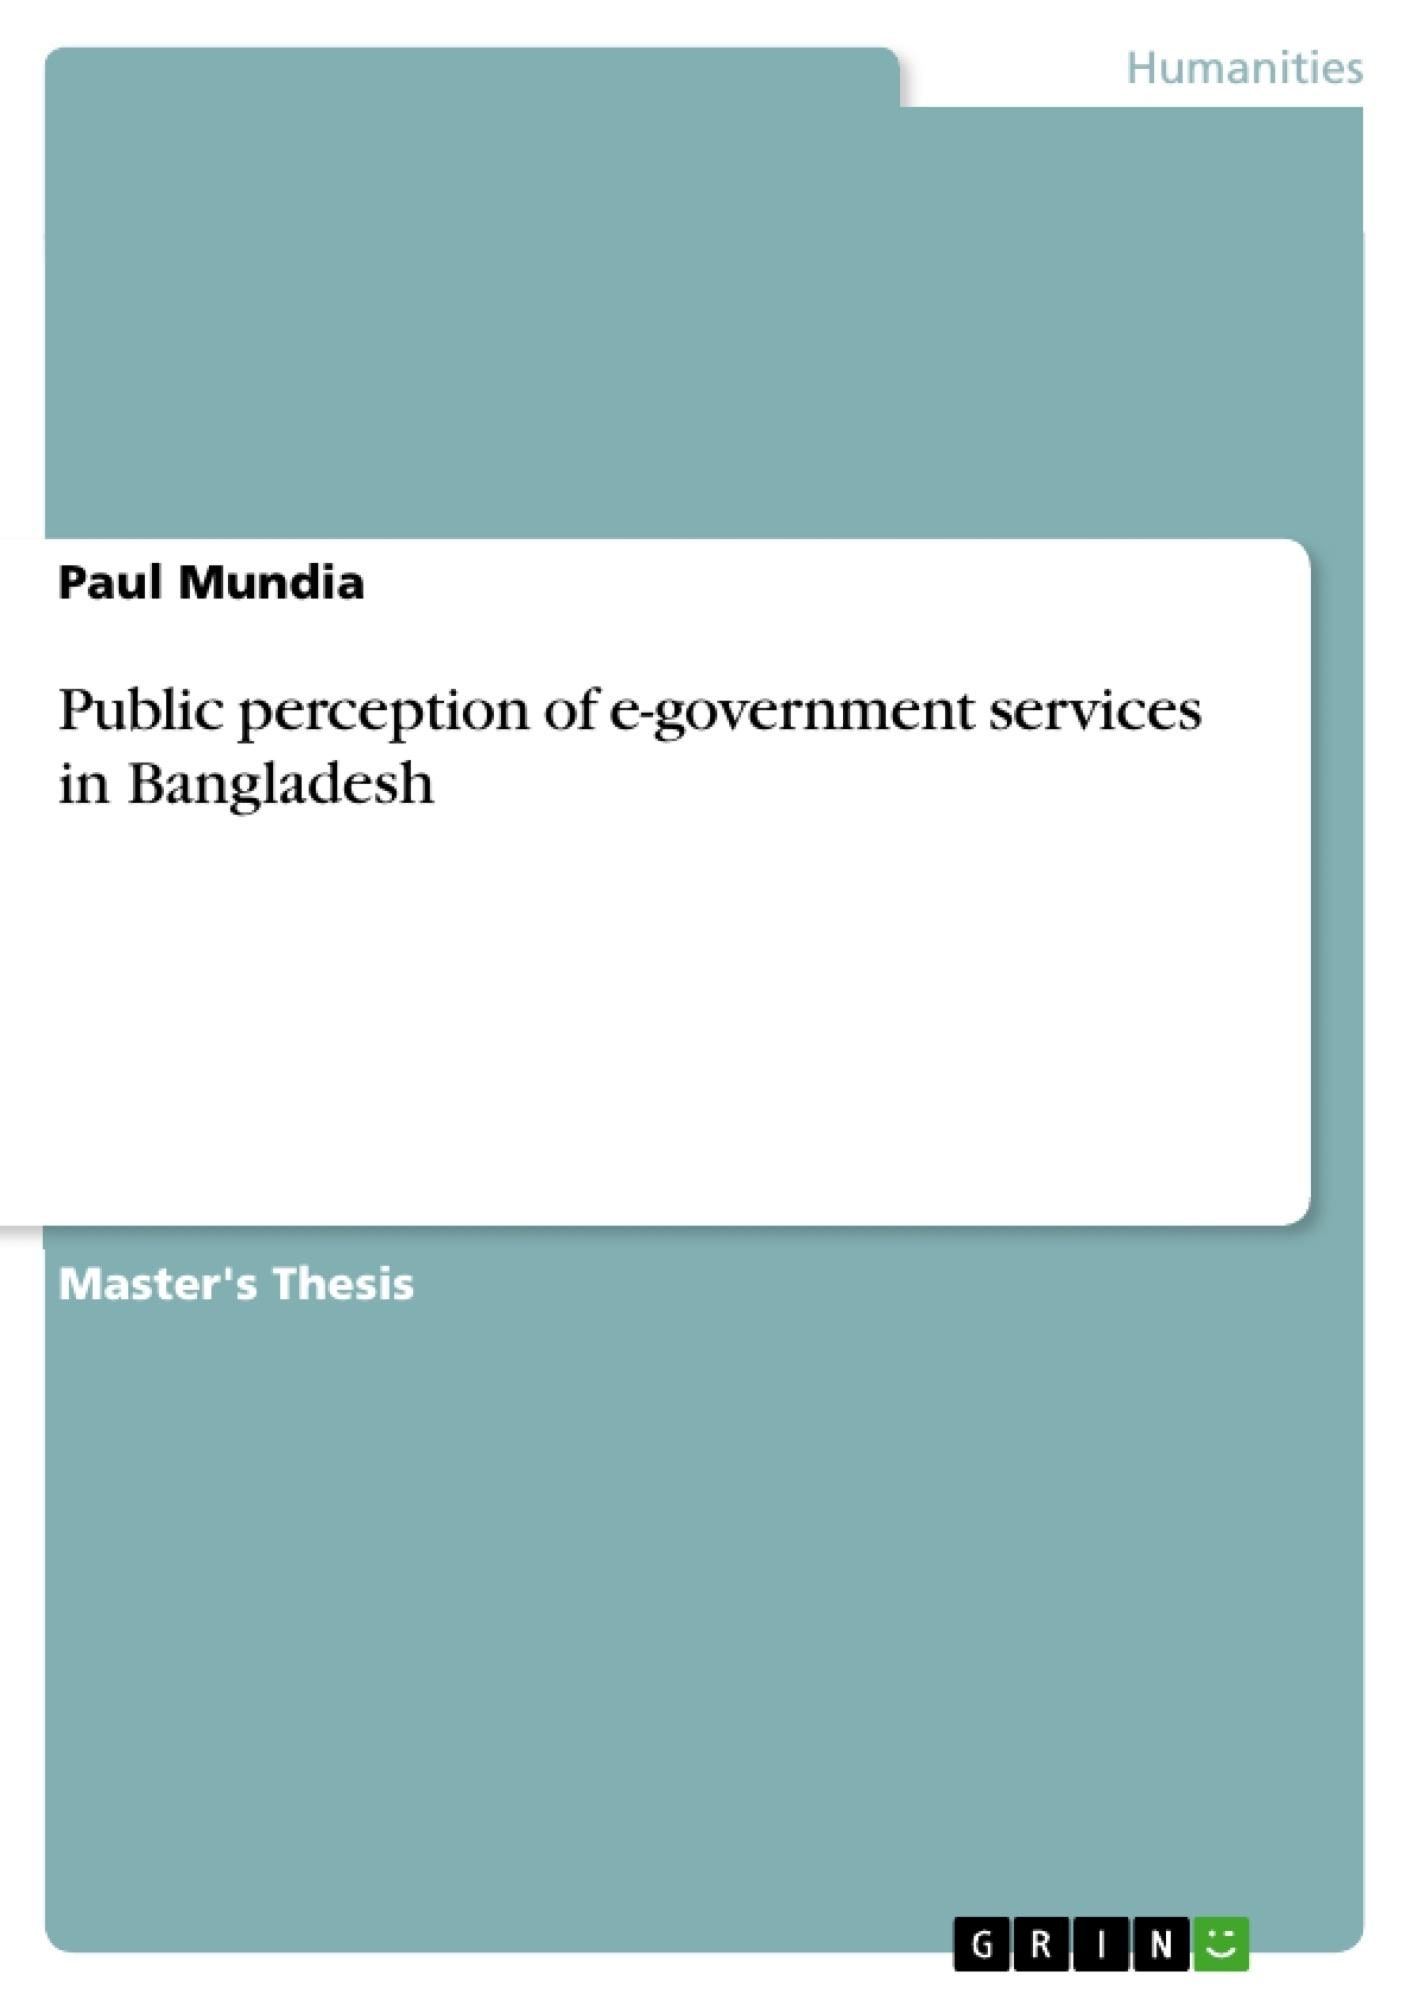 Title: Public perception of e-government services in Bangladesh